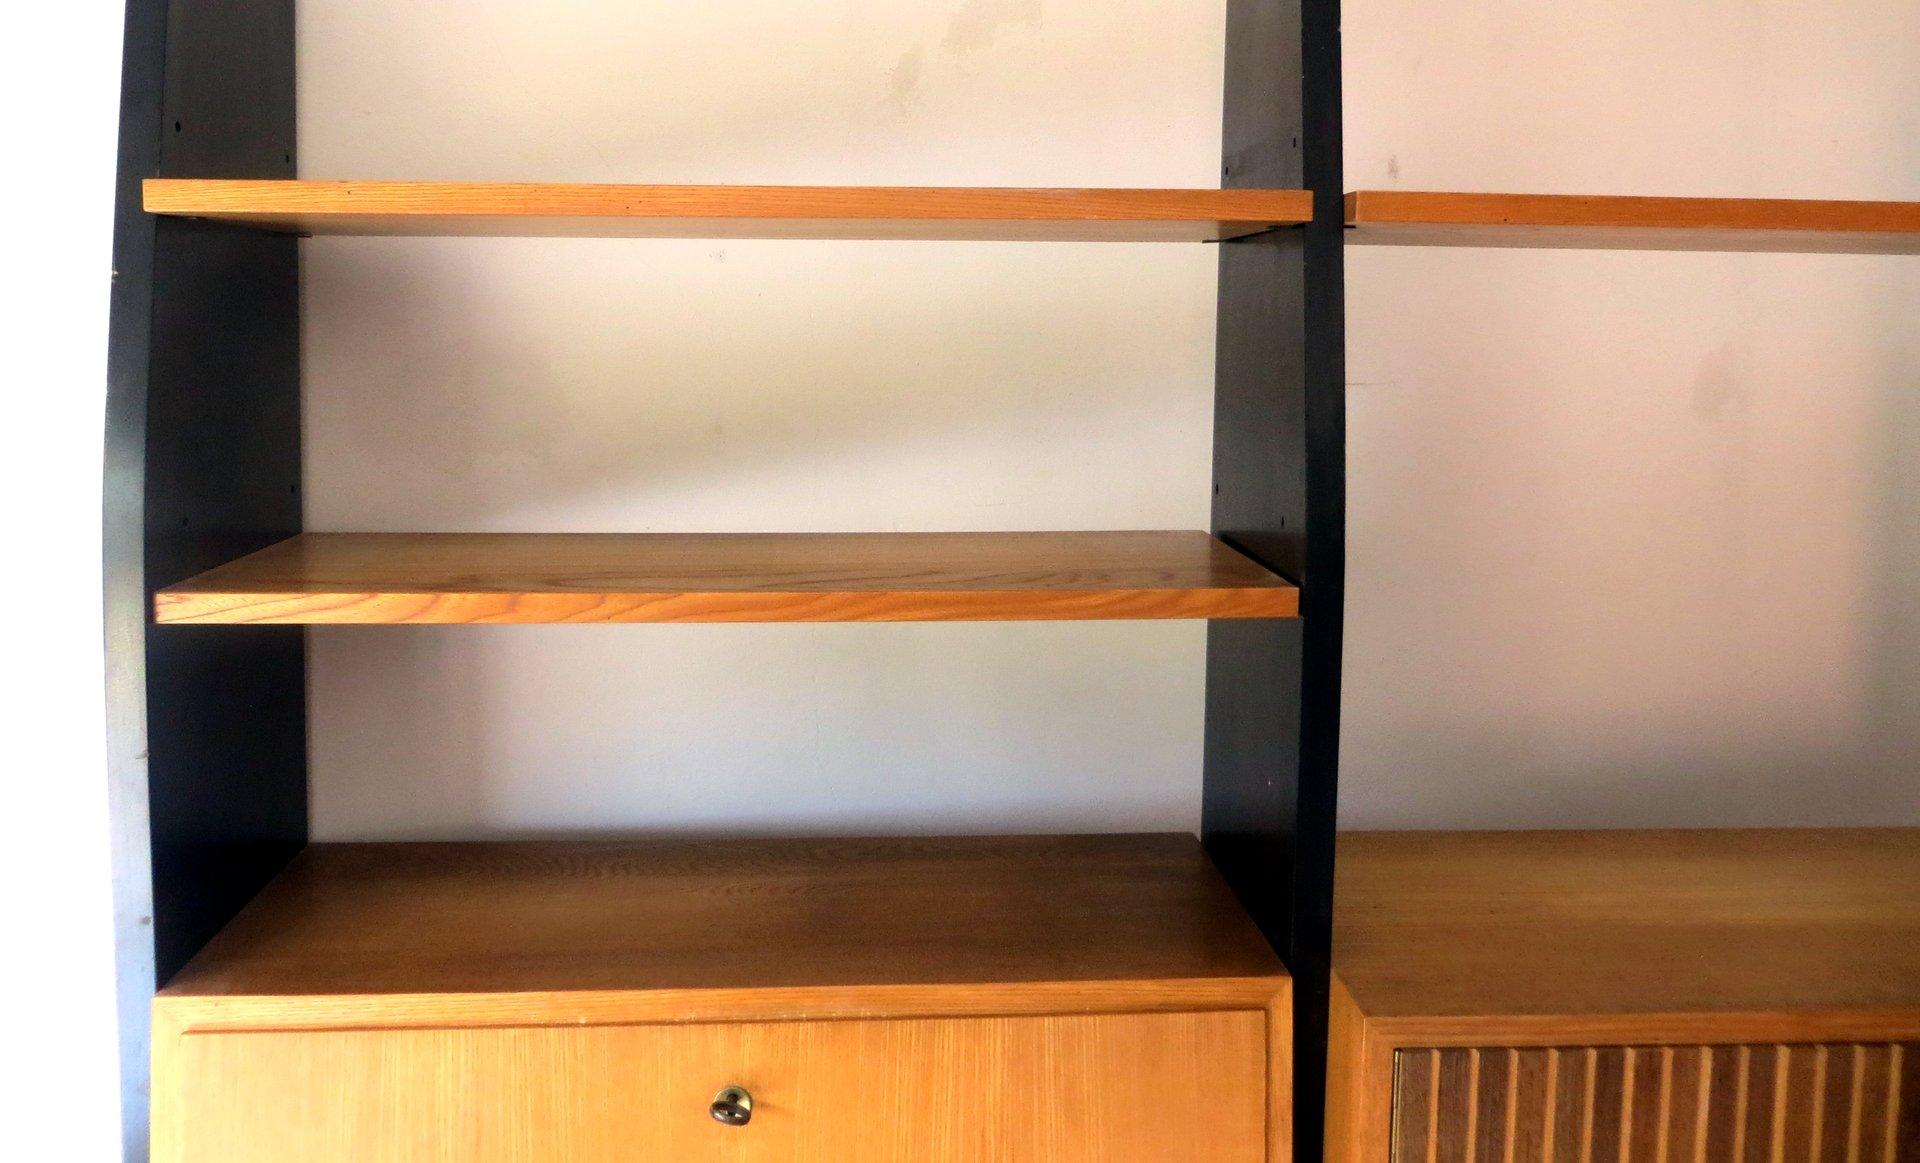 modulares idee m bel program wandregal mit sekret r von erich stratmann f r oldenburger. Black Bedroom Furniture Sets. Home Design Ideas